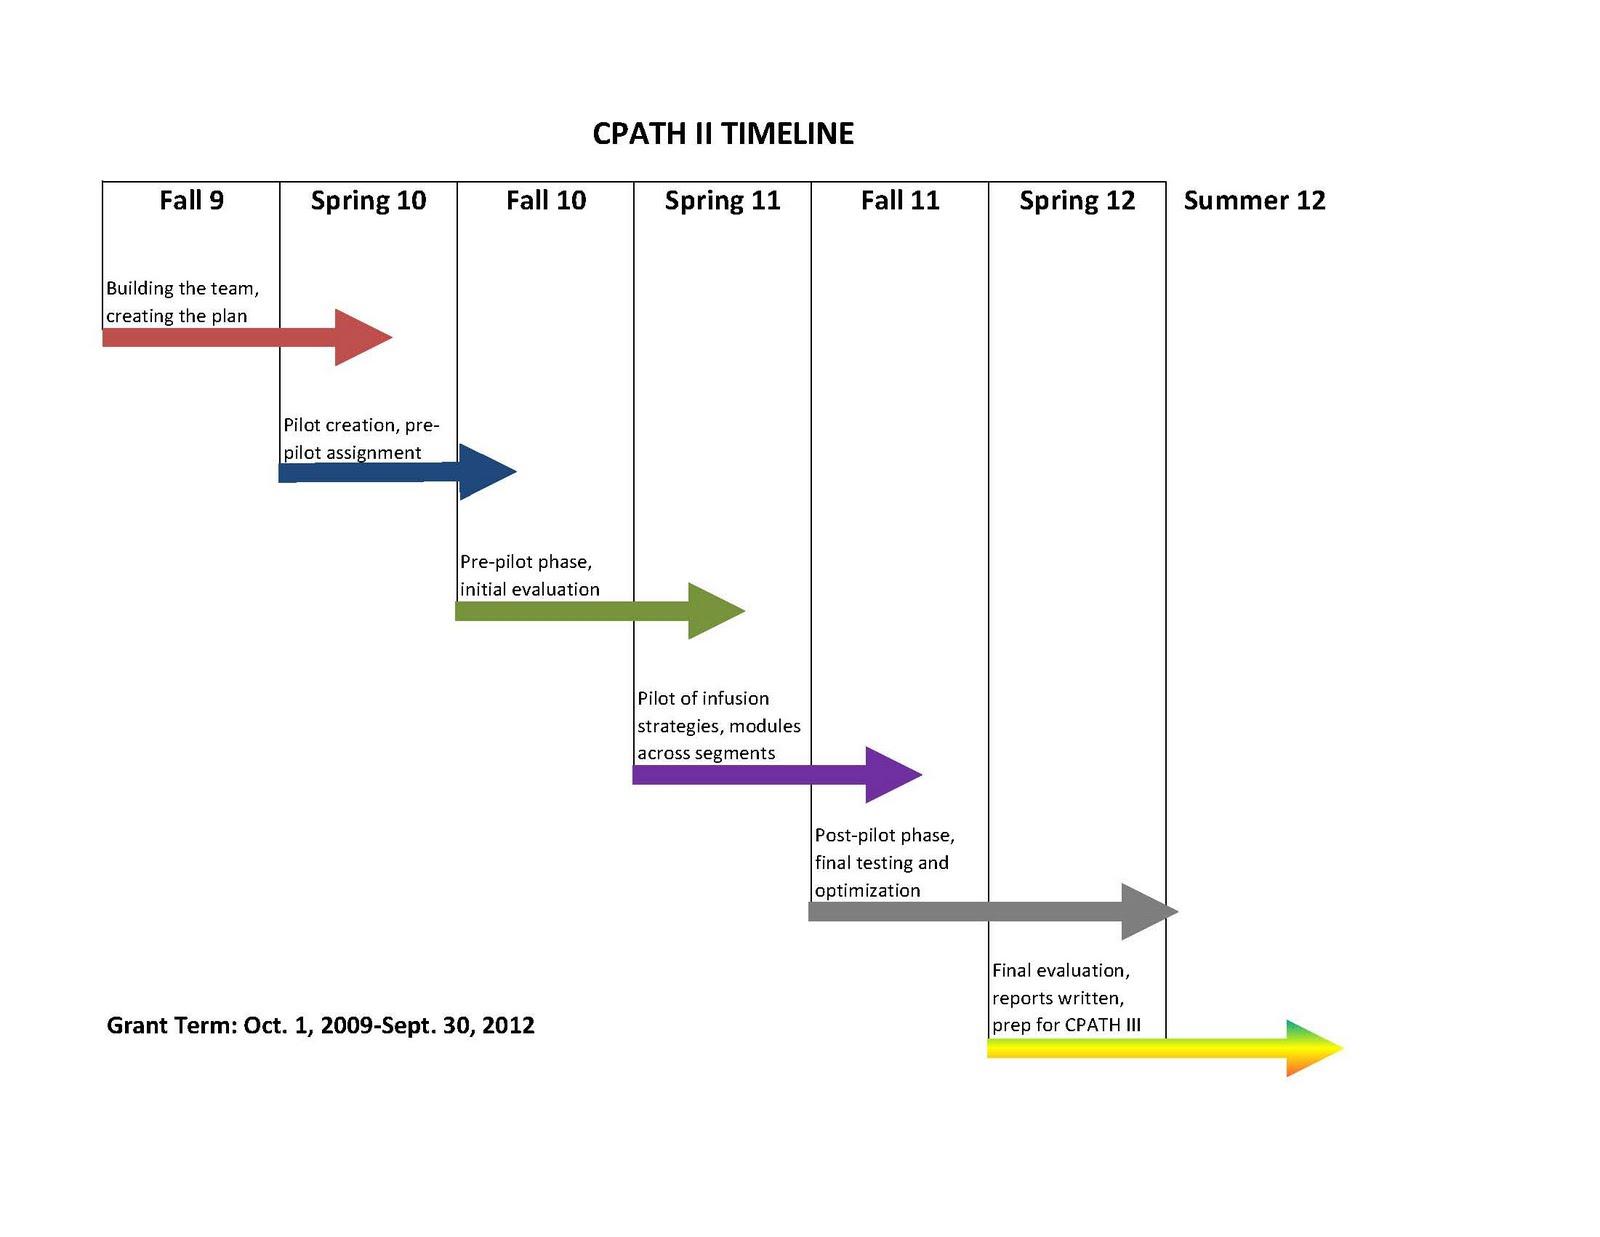 CPATH II Team Minutes